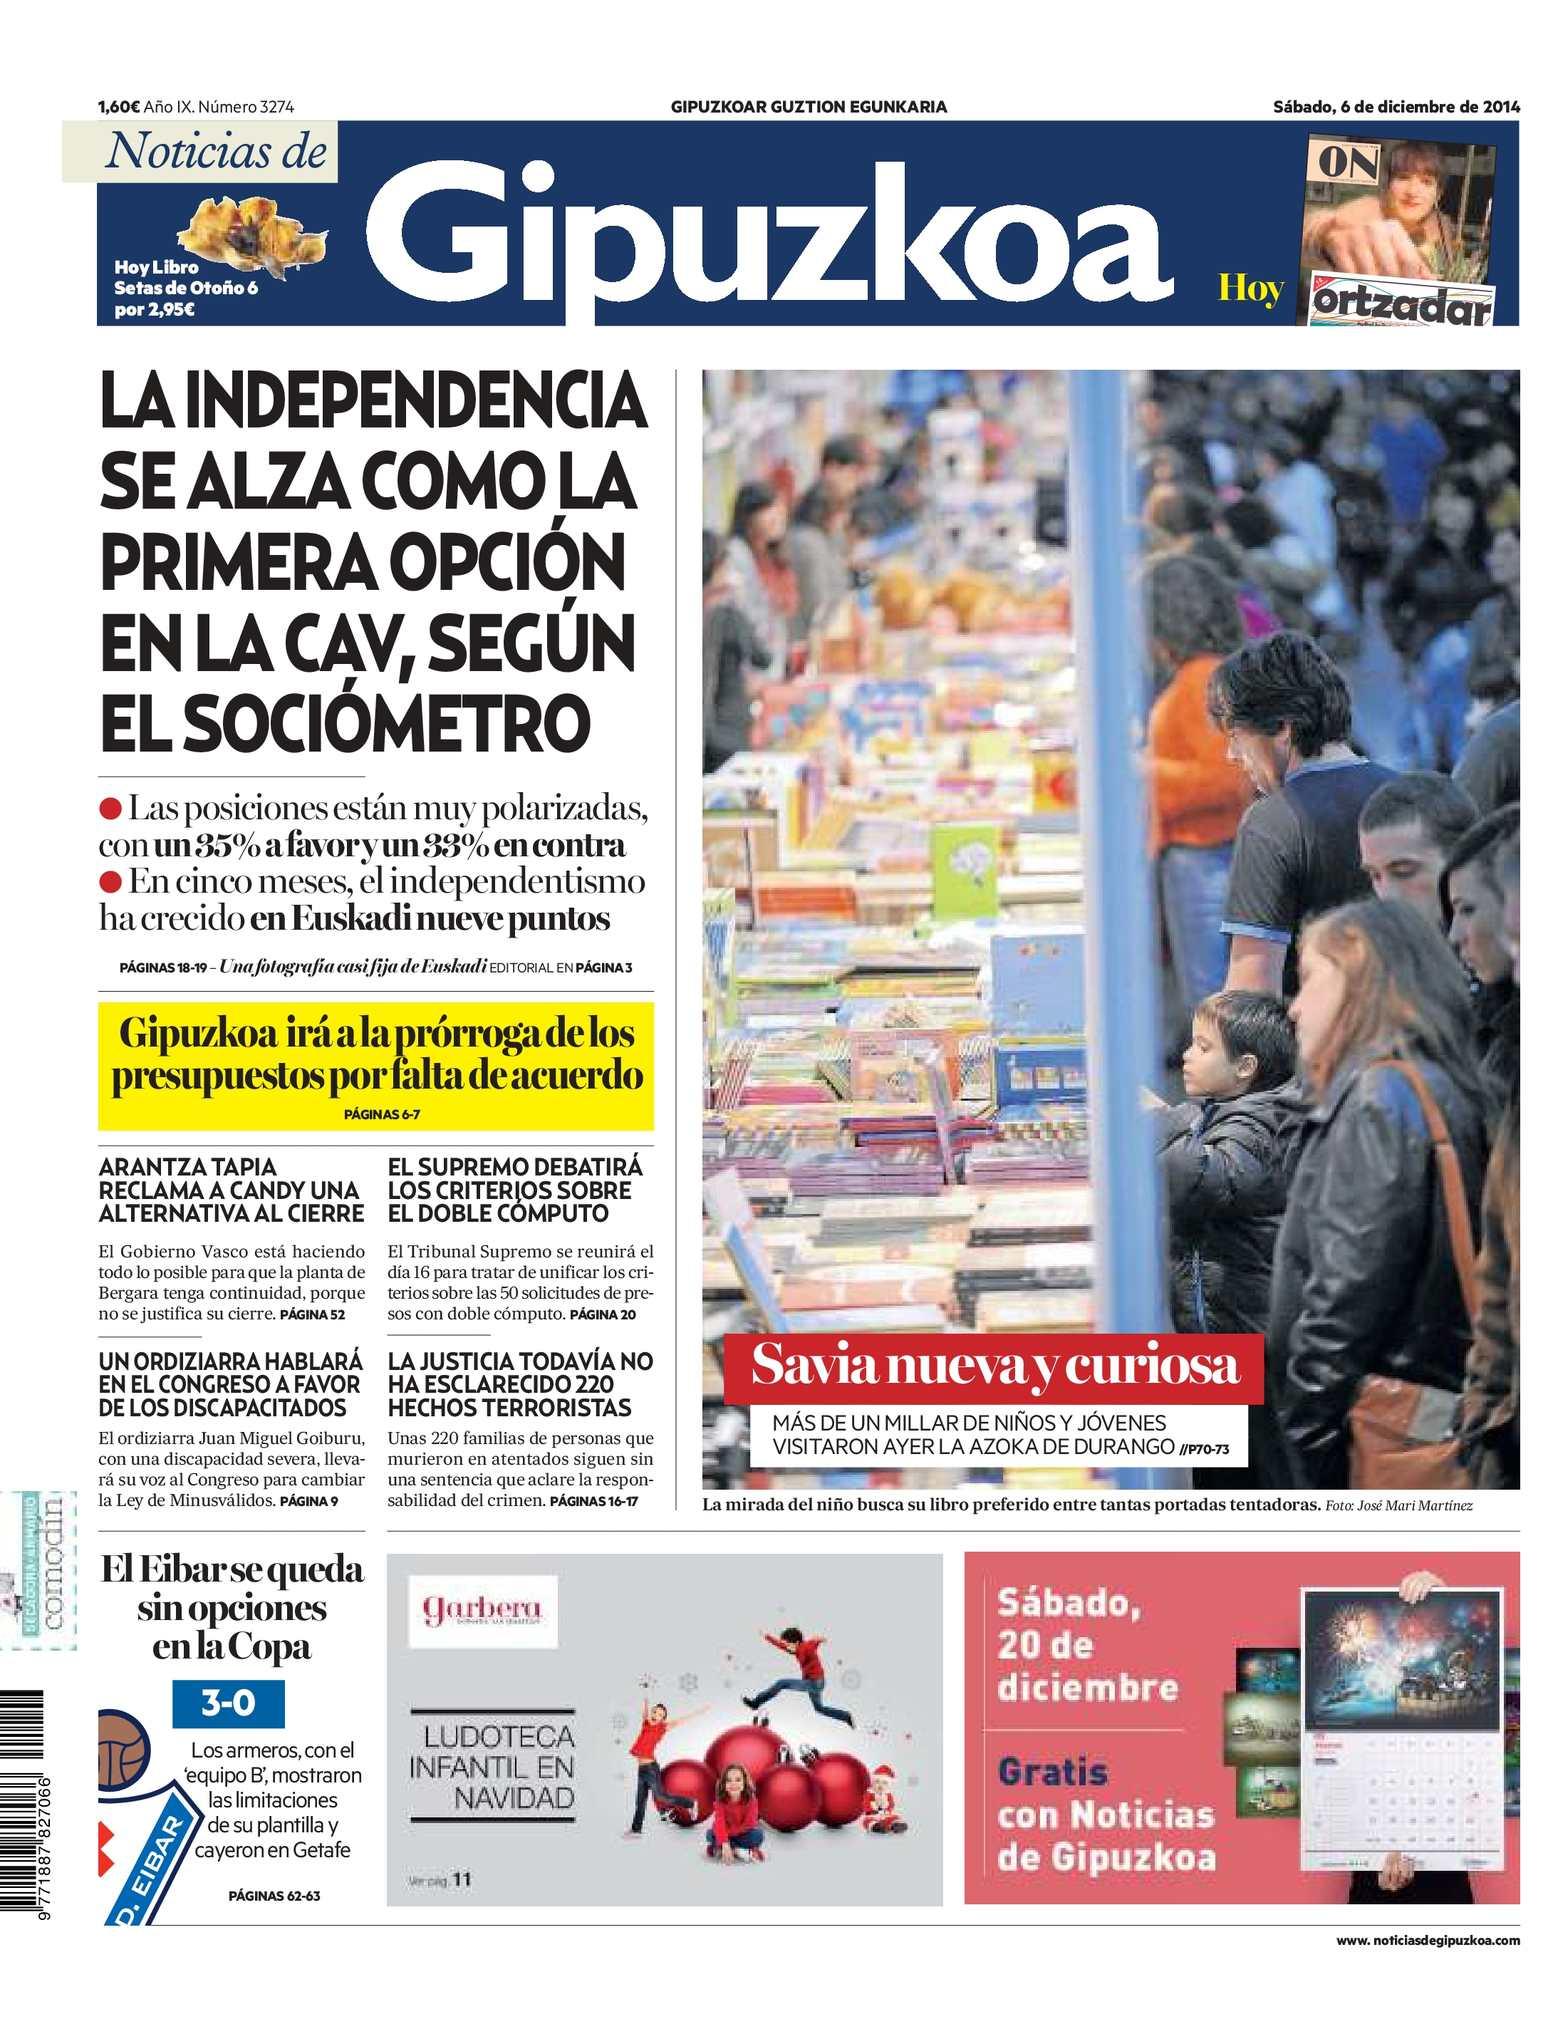 51 Peliculas Porno Hay Un Pinguino En El Ascensor calam�o - noticias de gipuzkoa 20141206